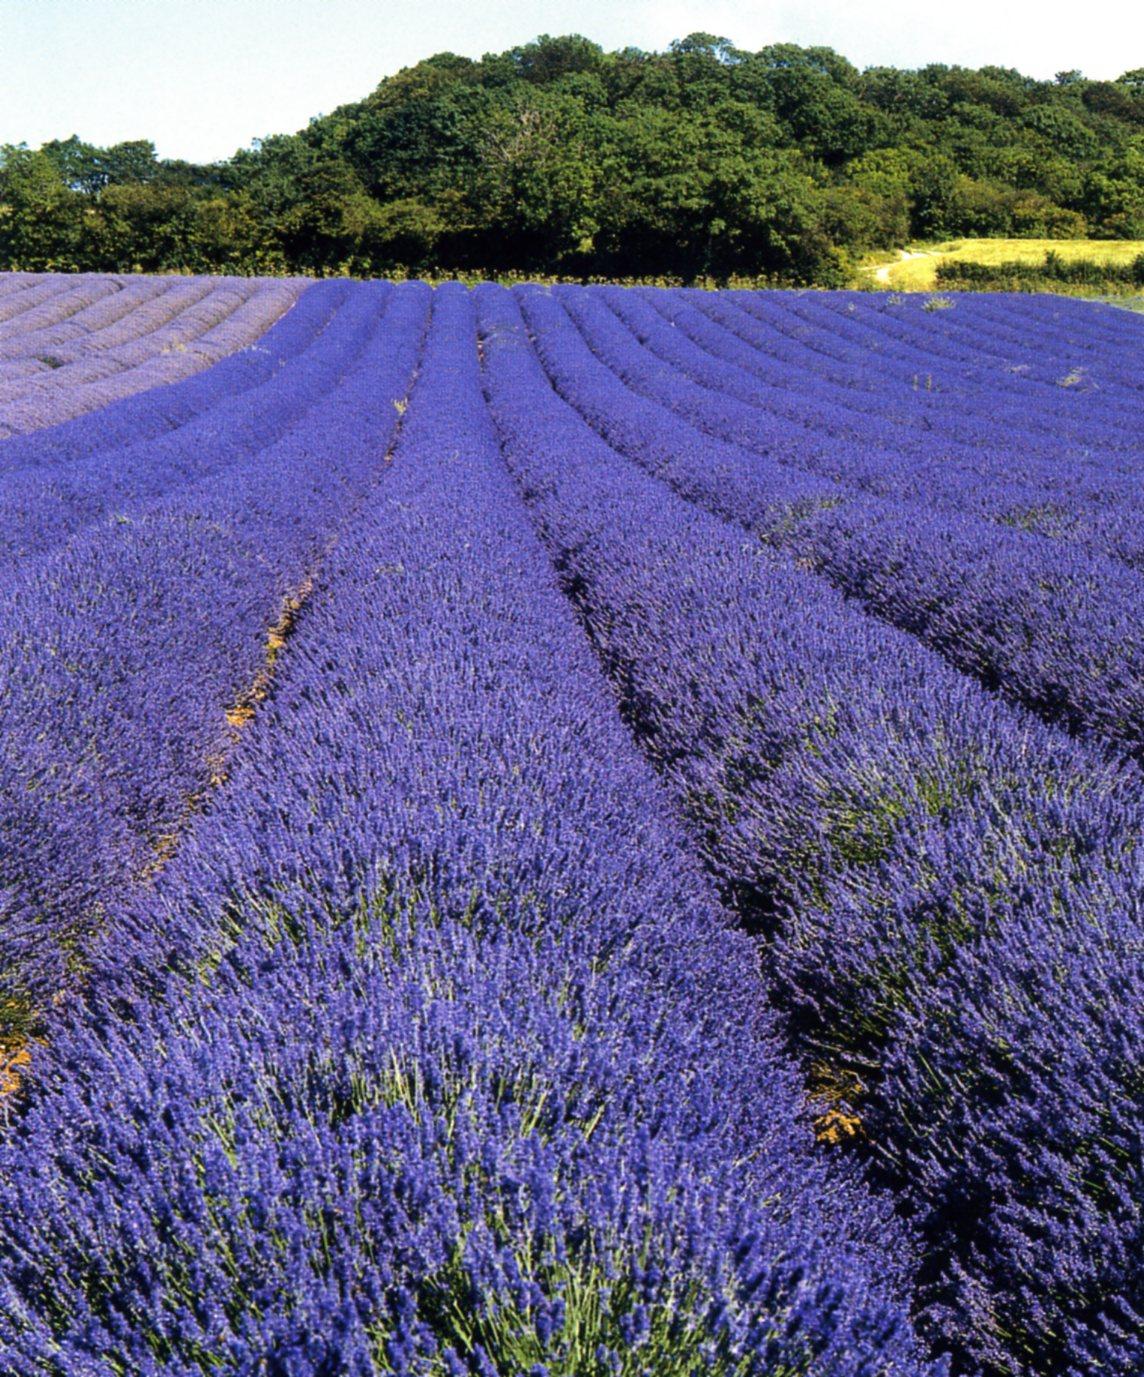 La Lavande, cette merveilleuse plante du Midi en habit bleu